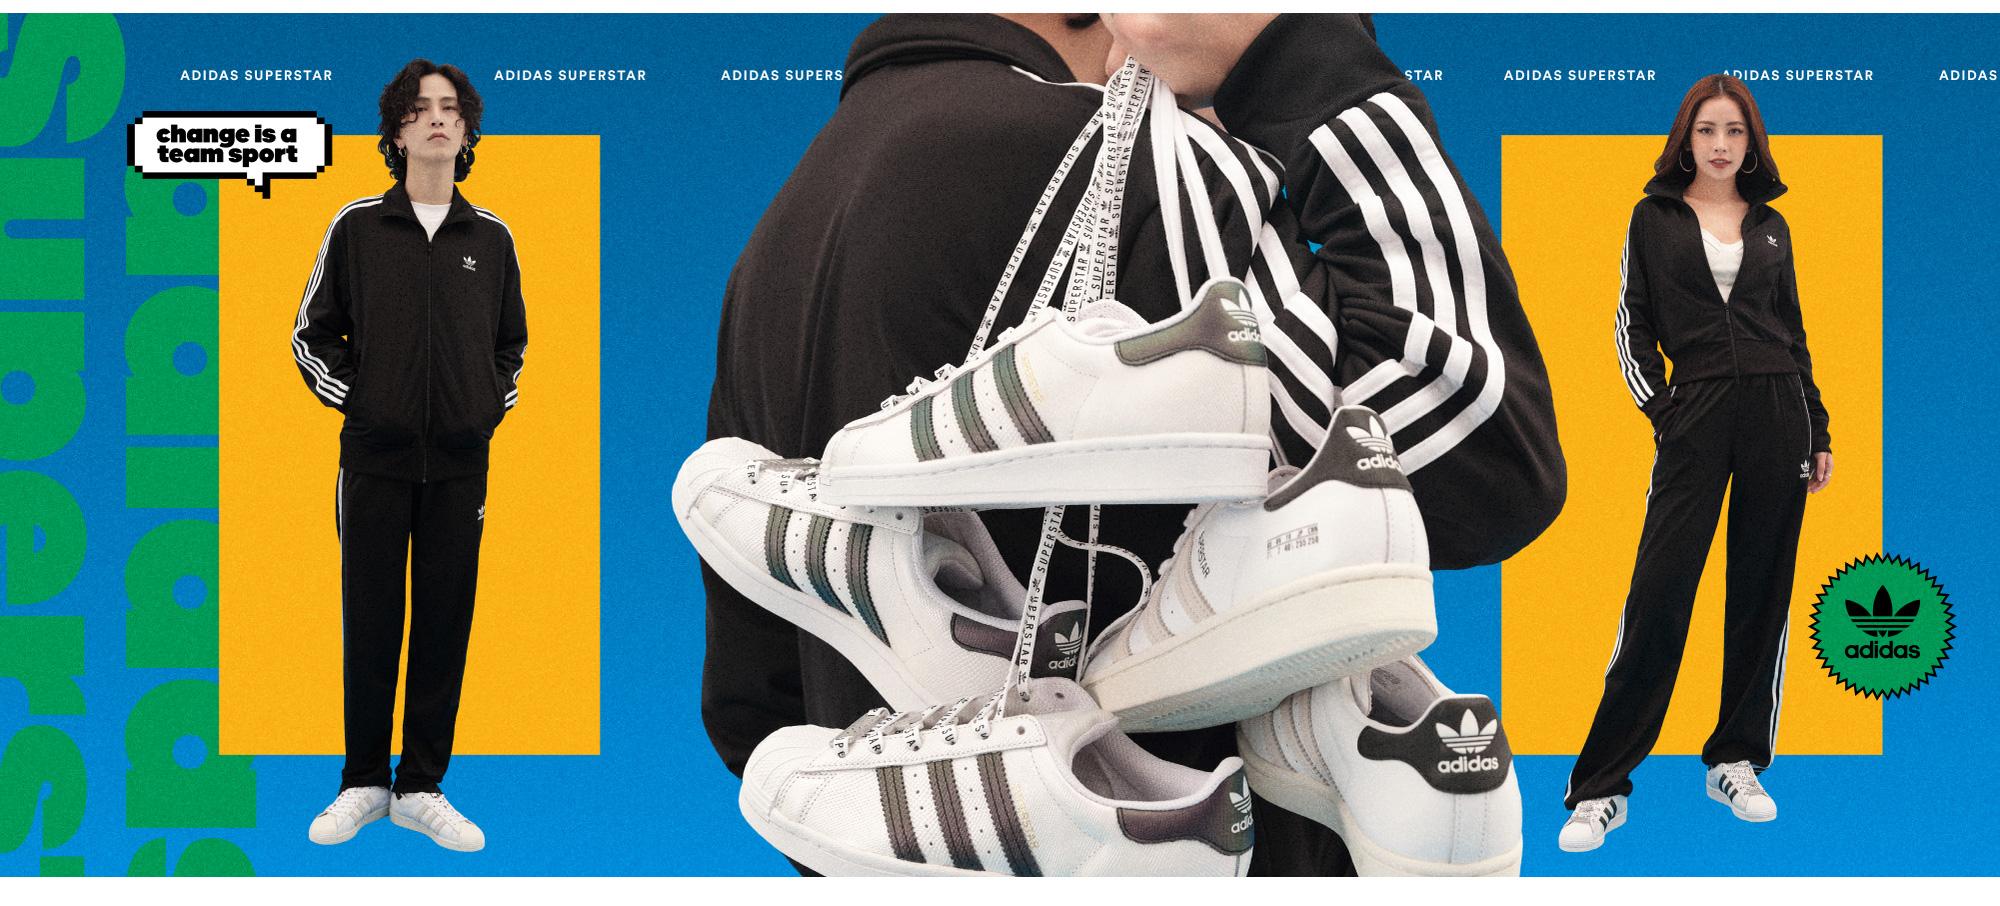 adidas Superstar: Siêu sao của nền văn hóa sát mặt đất và hành trình 50 năm rực rỡ - Ảnh 12.